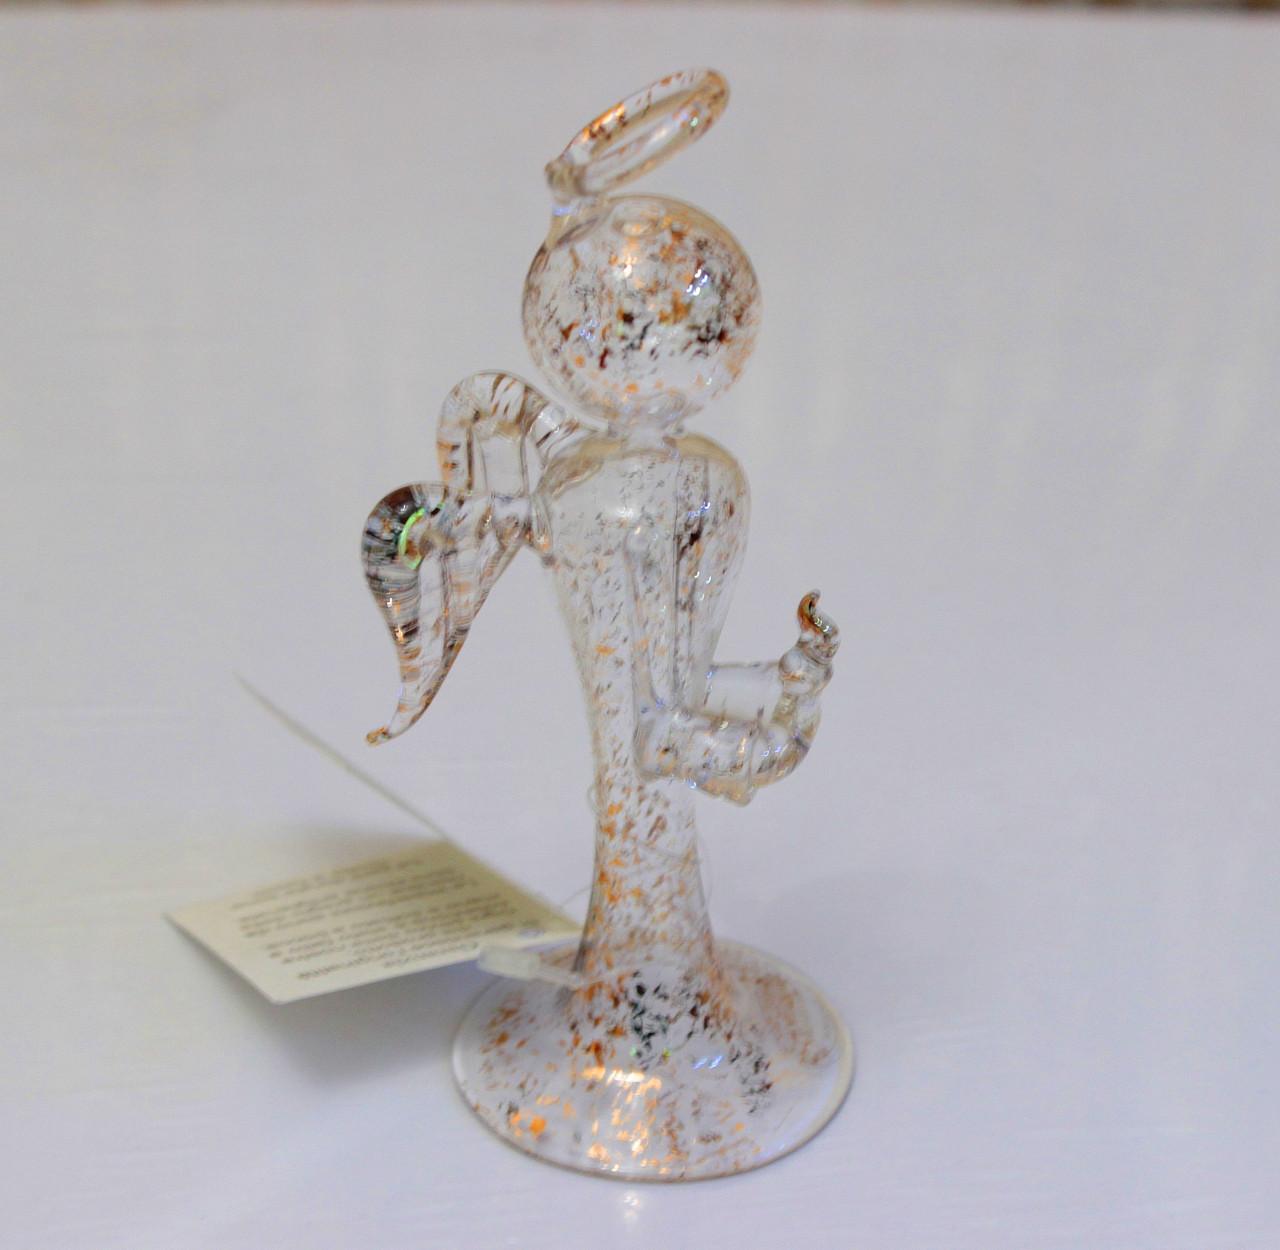 Сувенир Ангел. Венецианское стекло, Италия, ручная работа